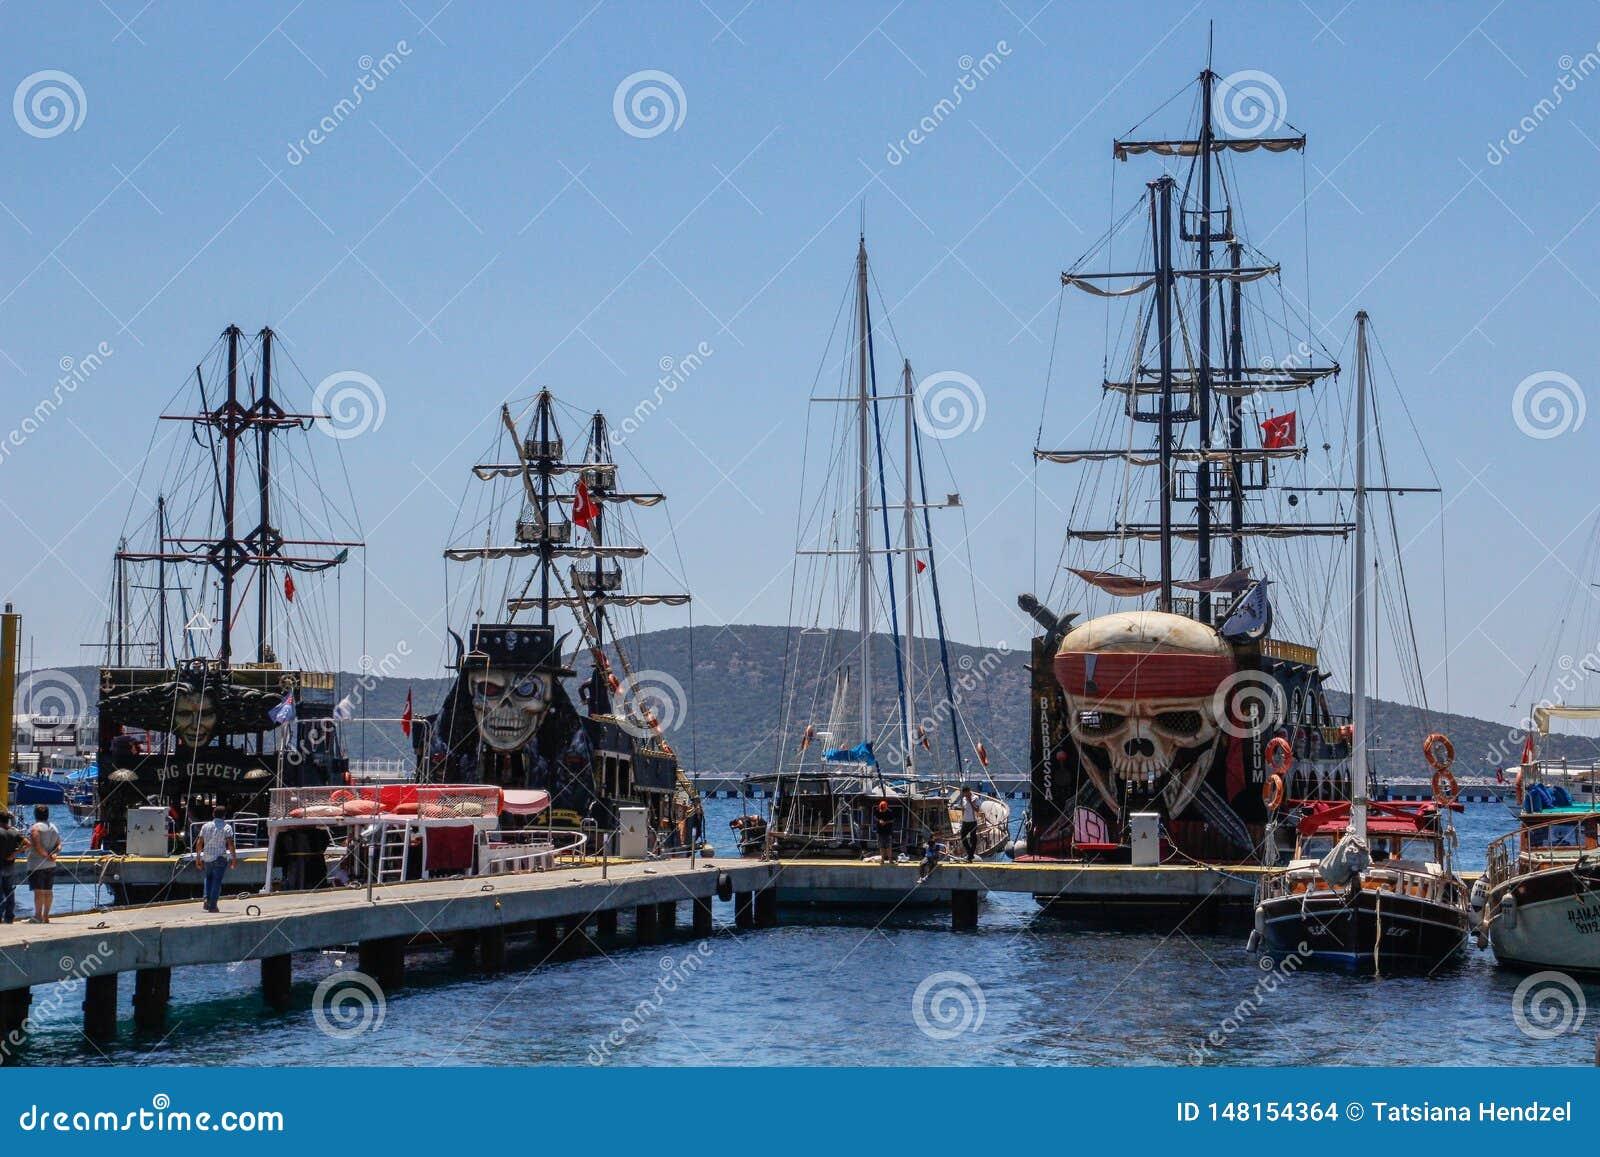 Huge sailing tourist ships. Pirate Ship - Flying Dutchman